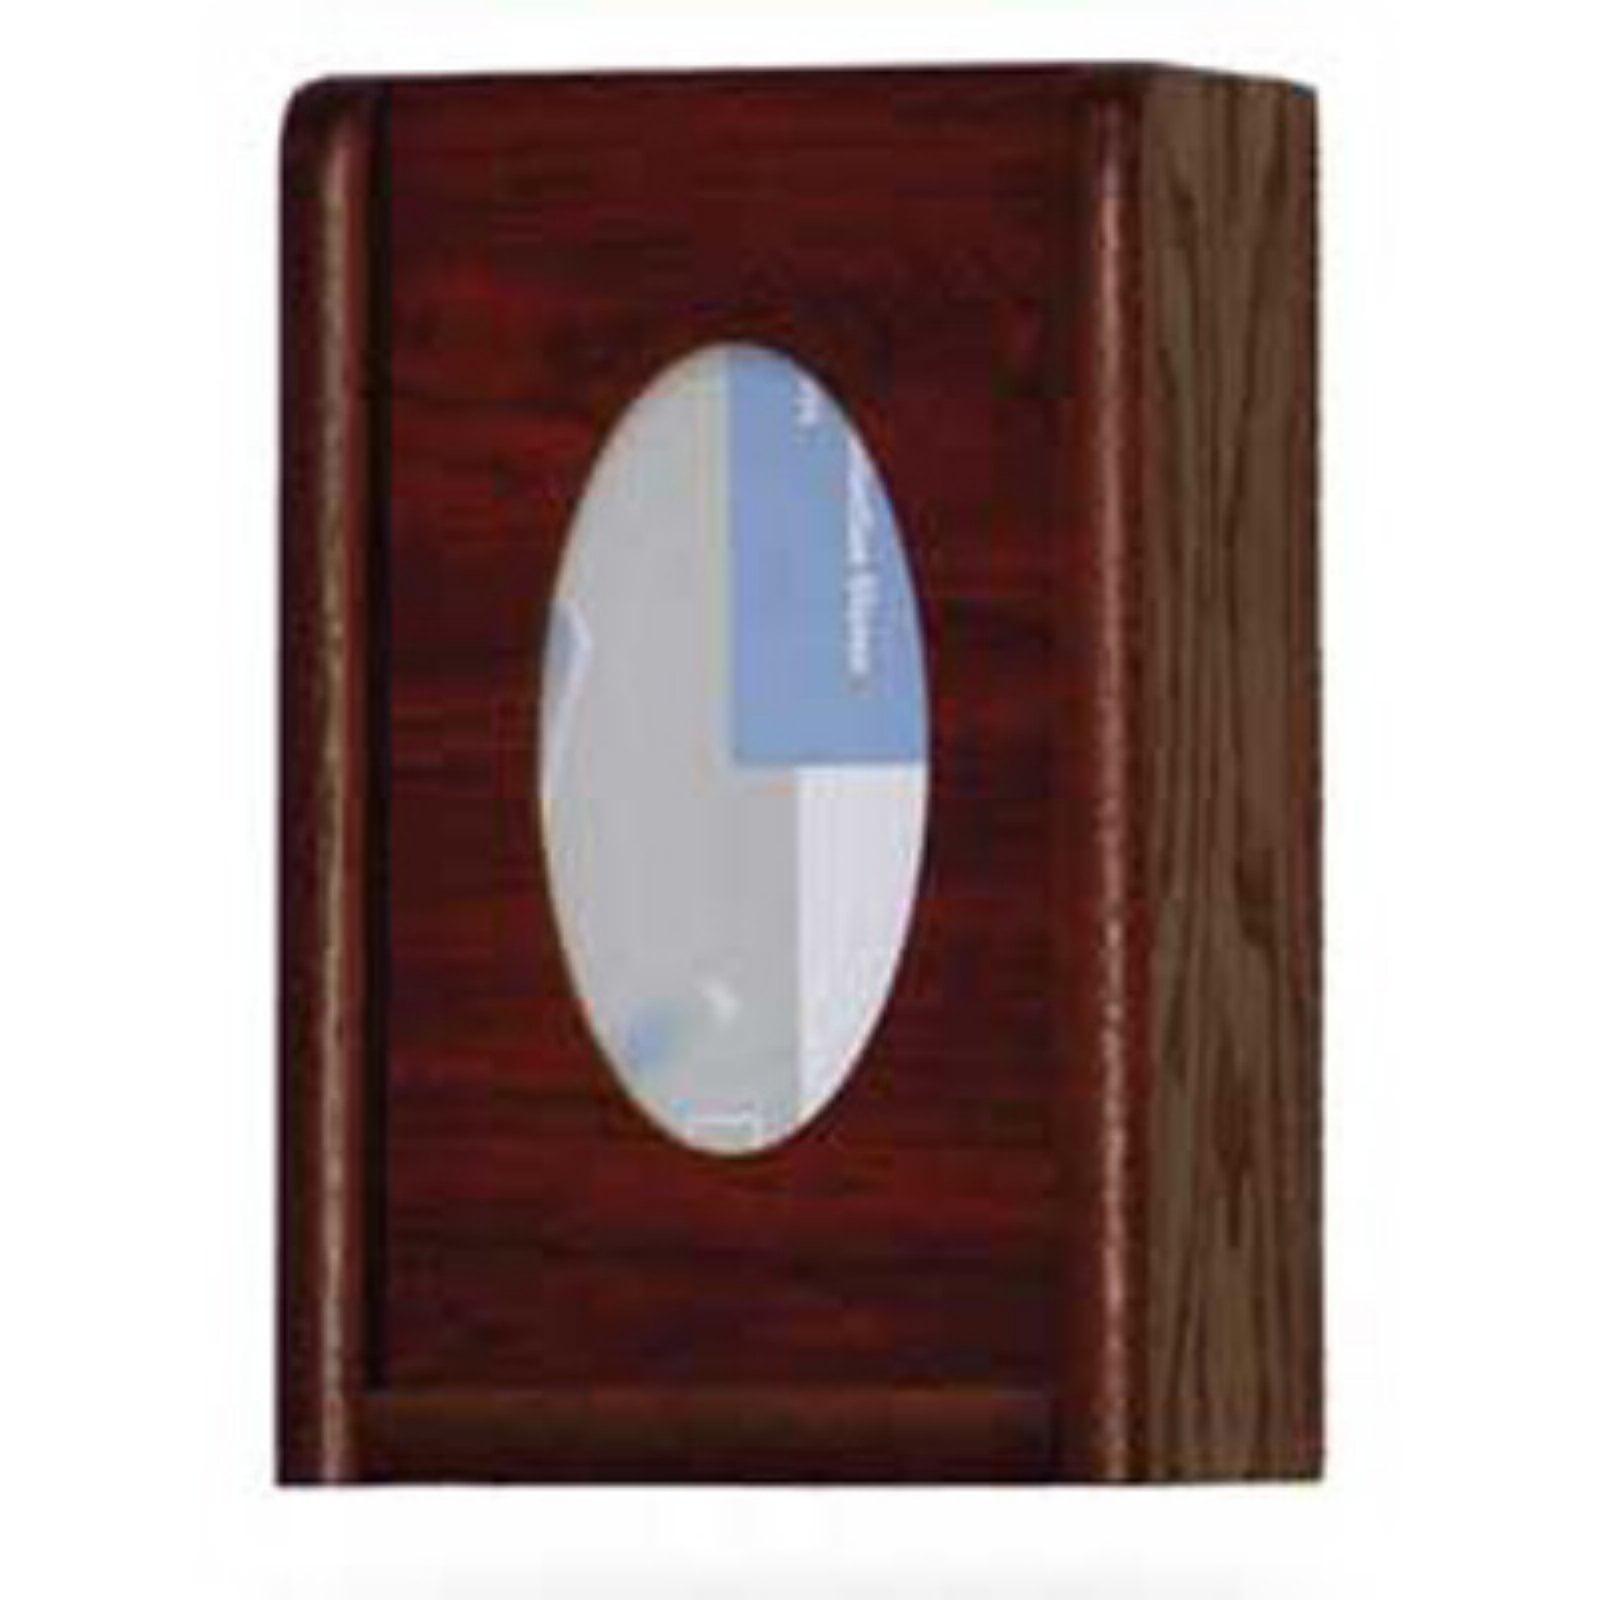 Wooden Mallet 1 Pocket Glove / Tissue Box Holder